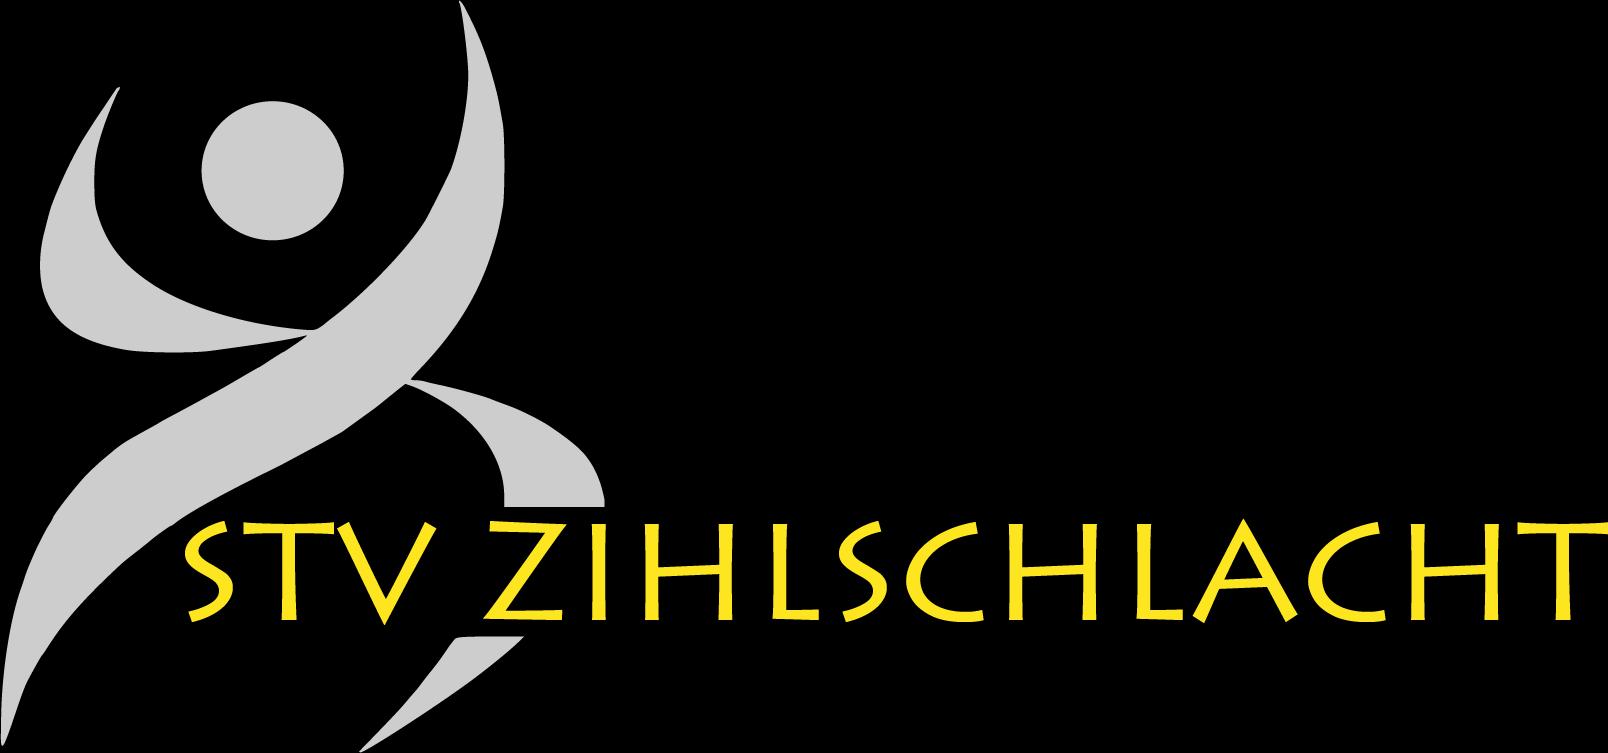 STV Zihlschlacht